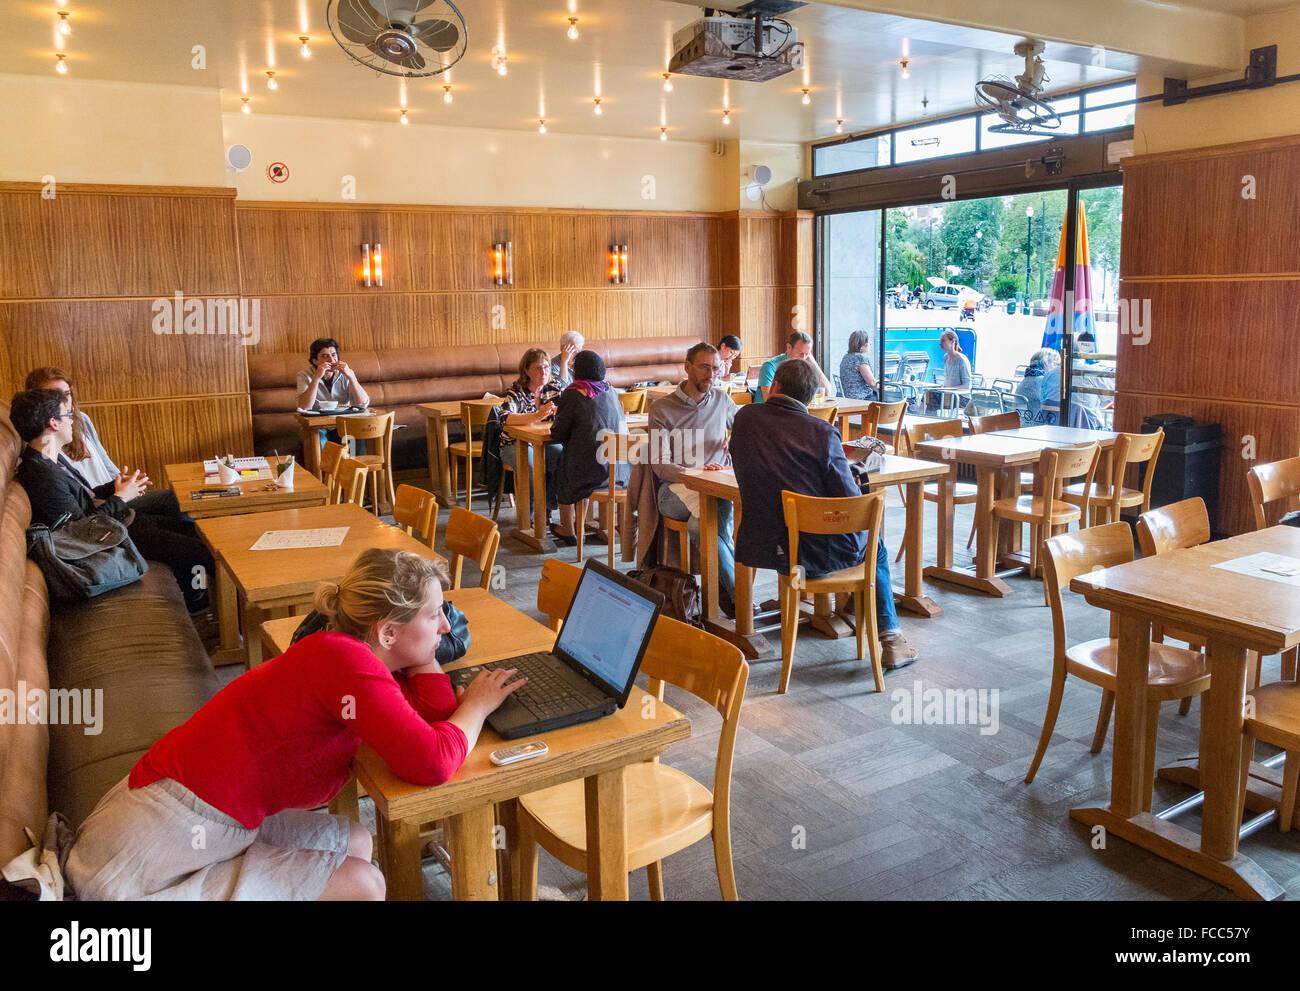 La gente cliente cafe internet wifi equipo de café Imagen De Stock